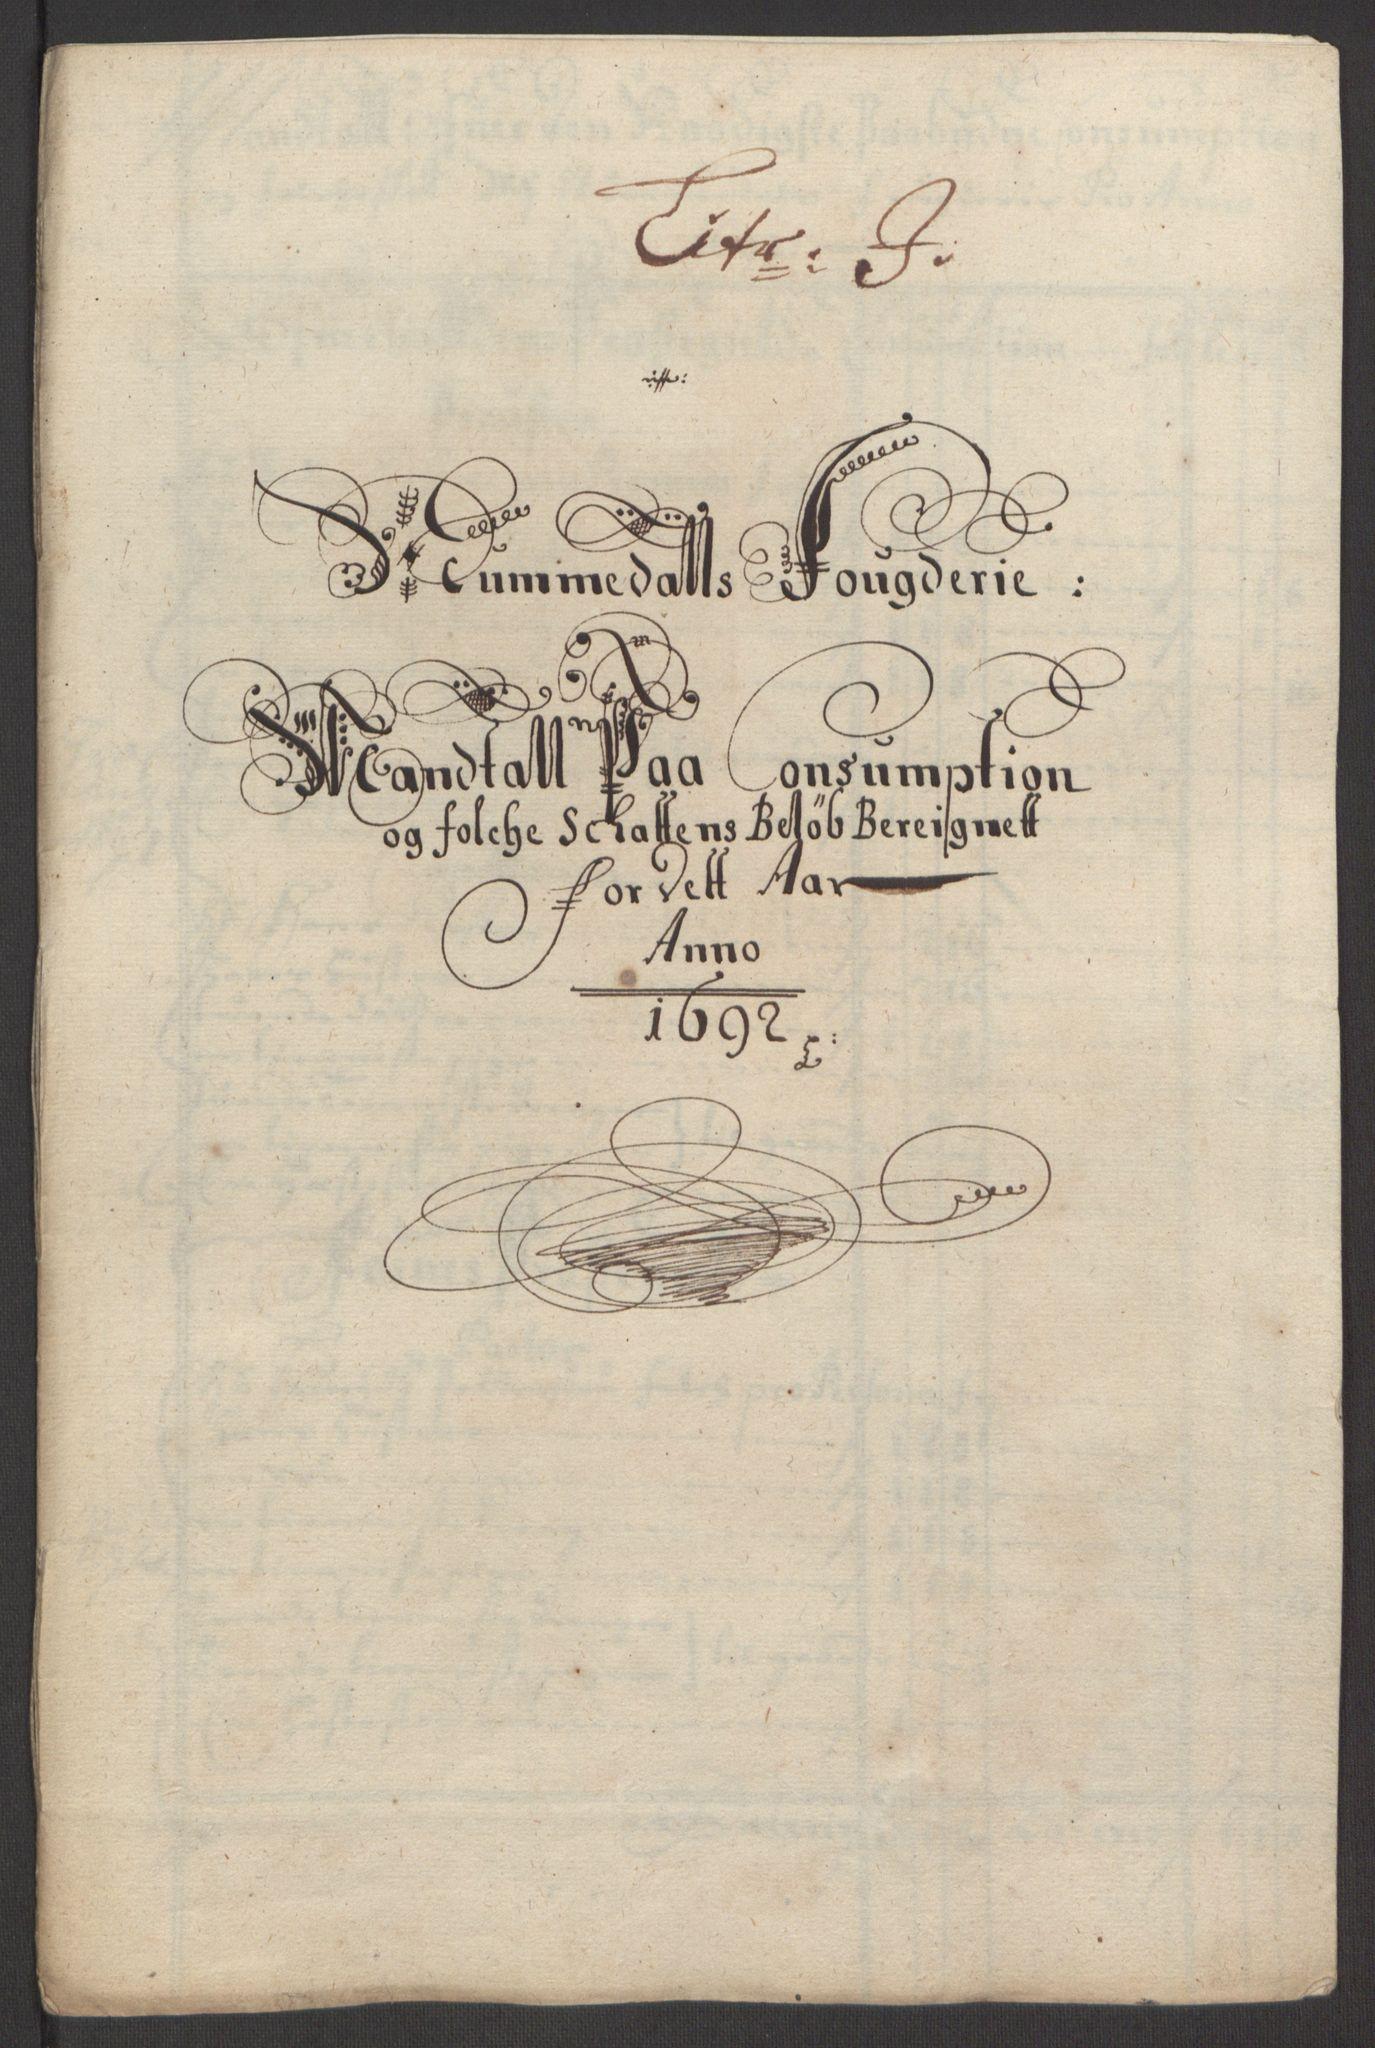 RA, Rentekammeret inntil 1814, Reviderte regnskaper, Fogderegnskap, R64/L4424: Fogderegnskap Namdal, 1692-1695, s. 52